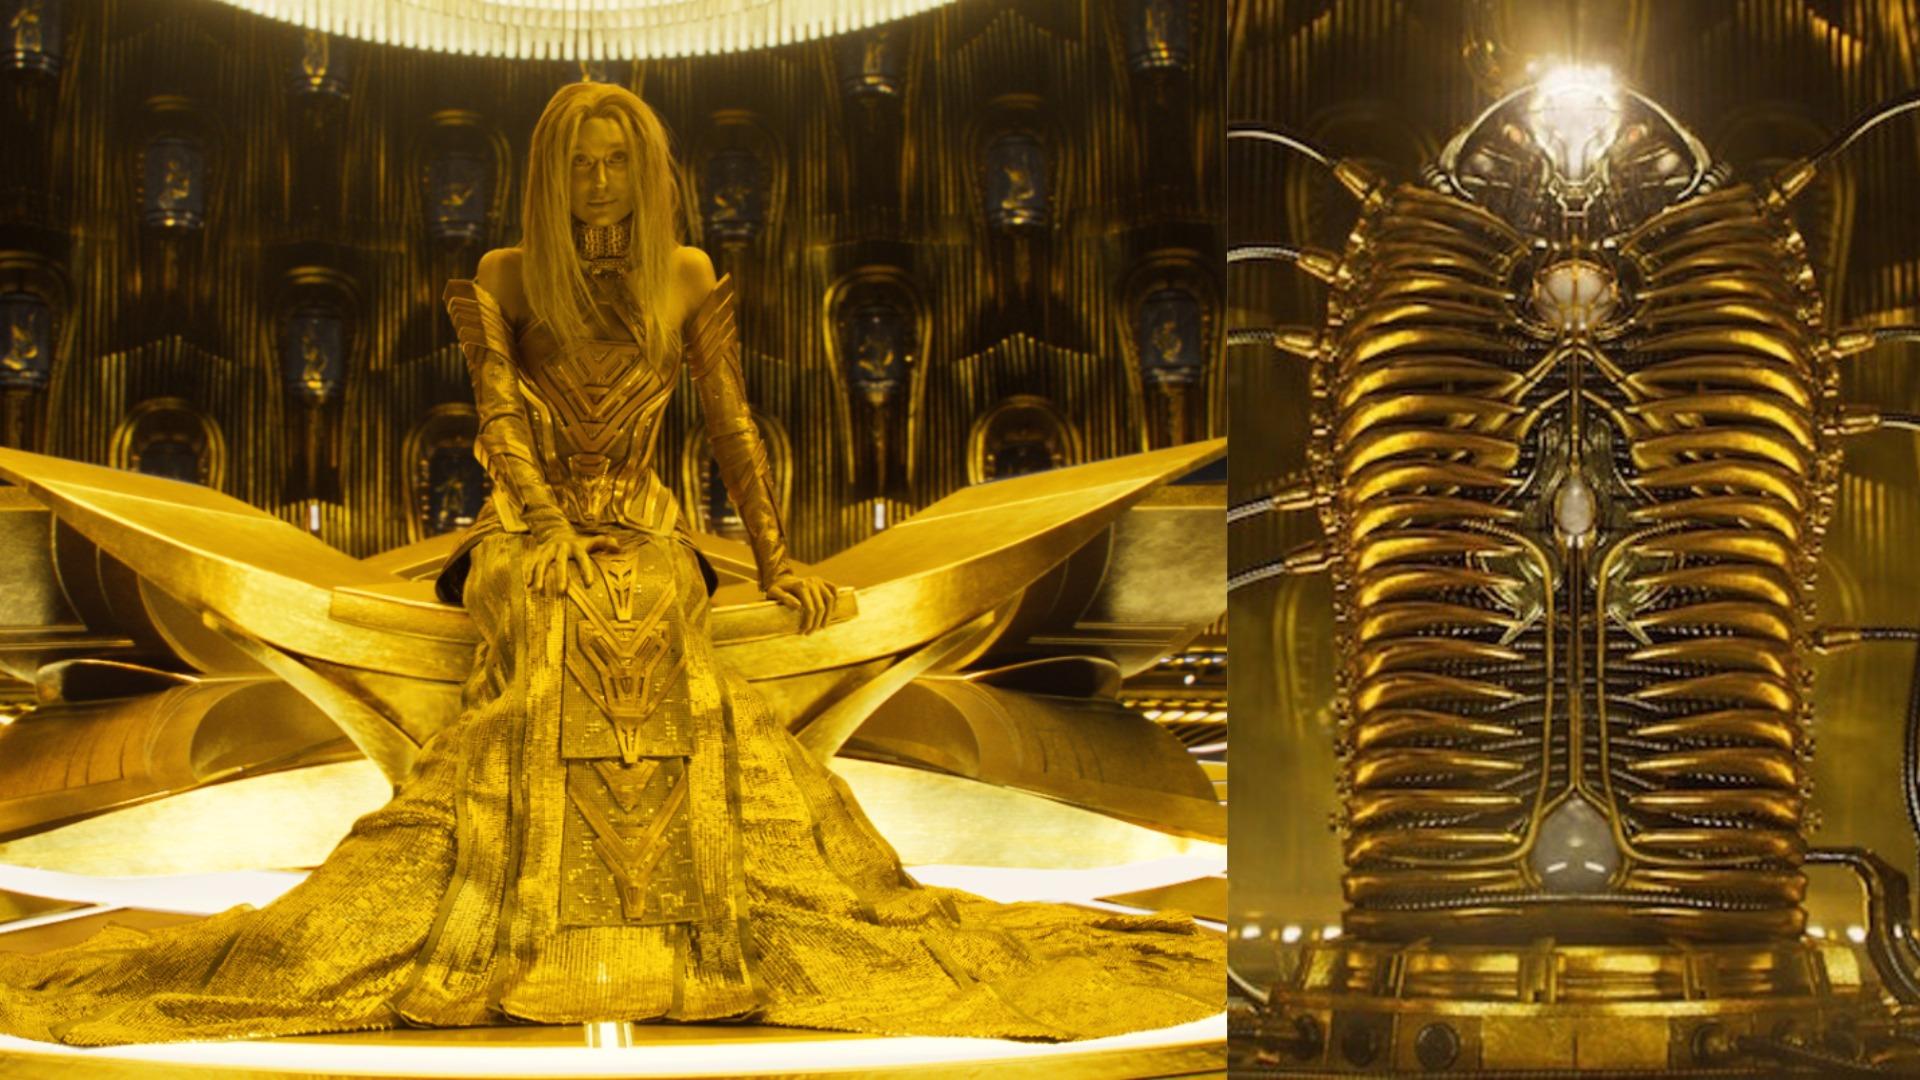 Adam Warlock, Ayesha, The Golden Cocoon